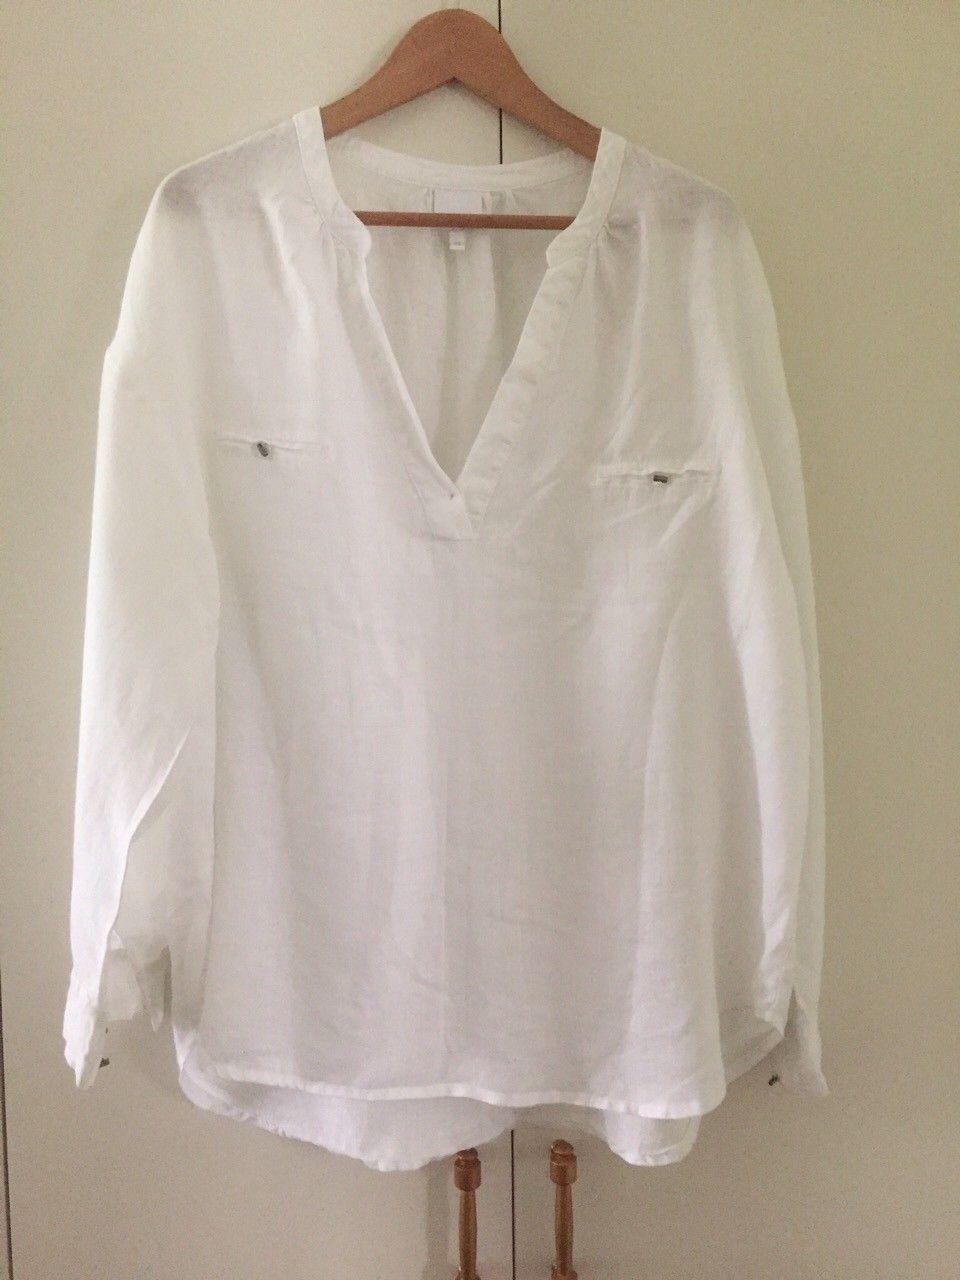 Anemone - hvit skjorte i lin - Tønsberg  - Hvit Anemone lin skjorte selges. Ubetydelig brukt. Romslig modell. Kan sendes mot forskuddsbetaling, og da betaler kjøper frakt. - Tønsberg